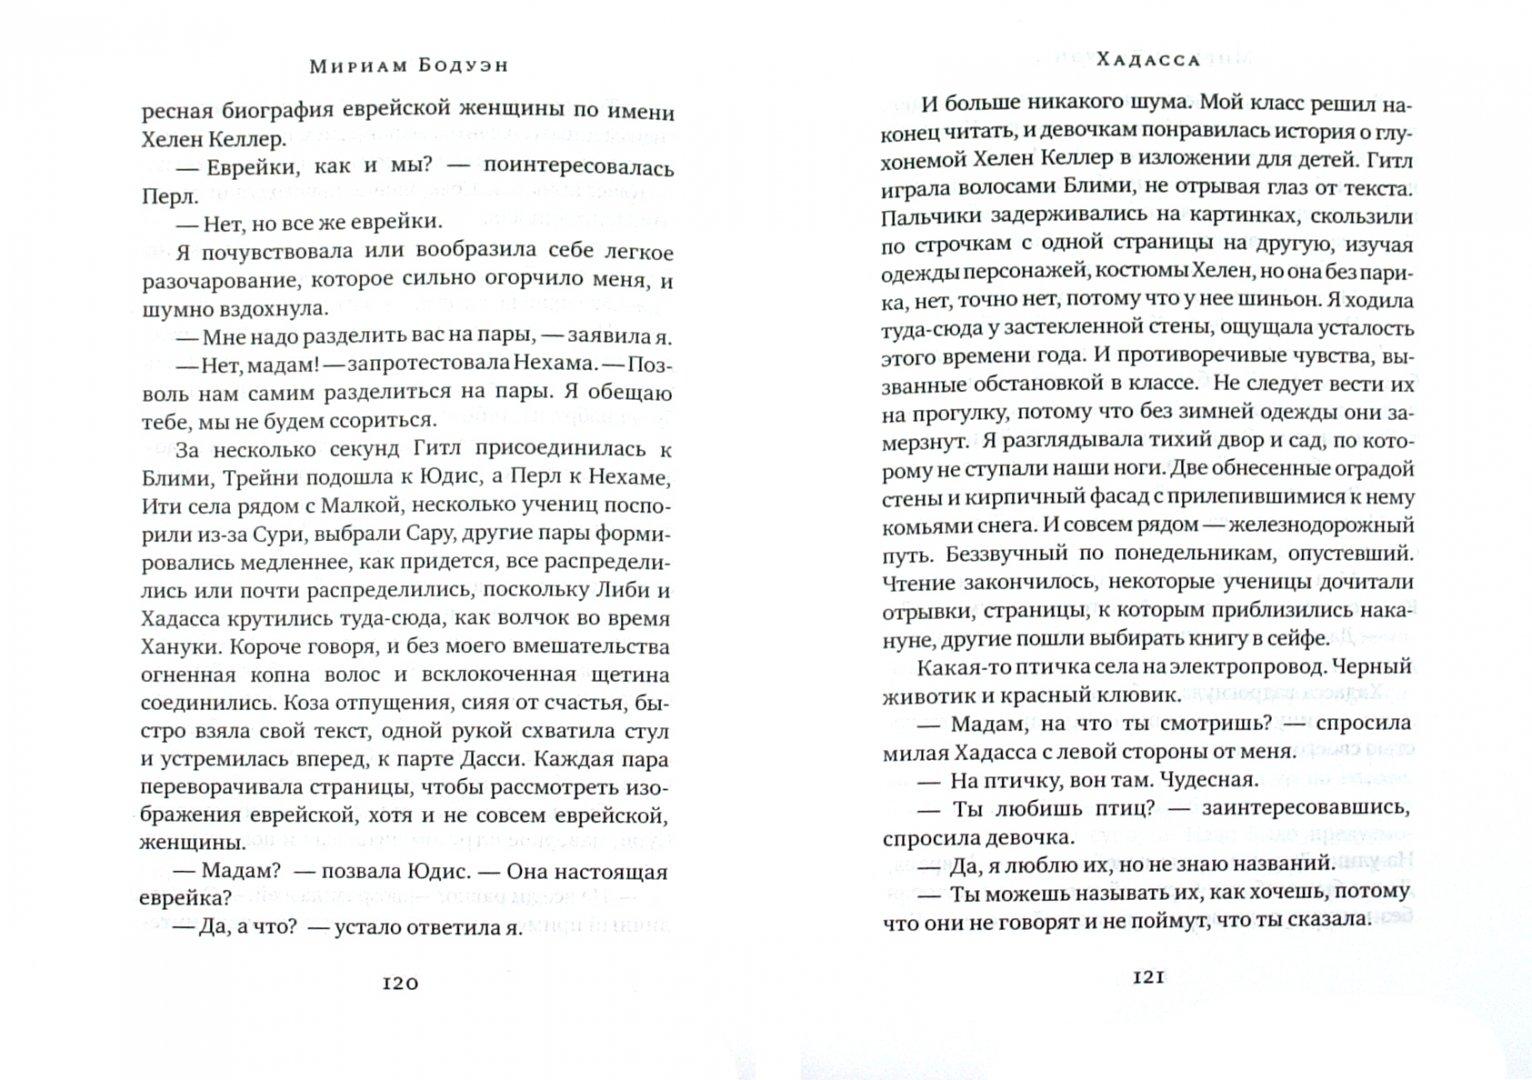 Иллюстрация 1 из 15 для Хадасса - Мириам Бодуэн | Лабиринт - книги. Источник: Лабиринт